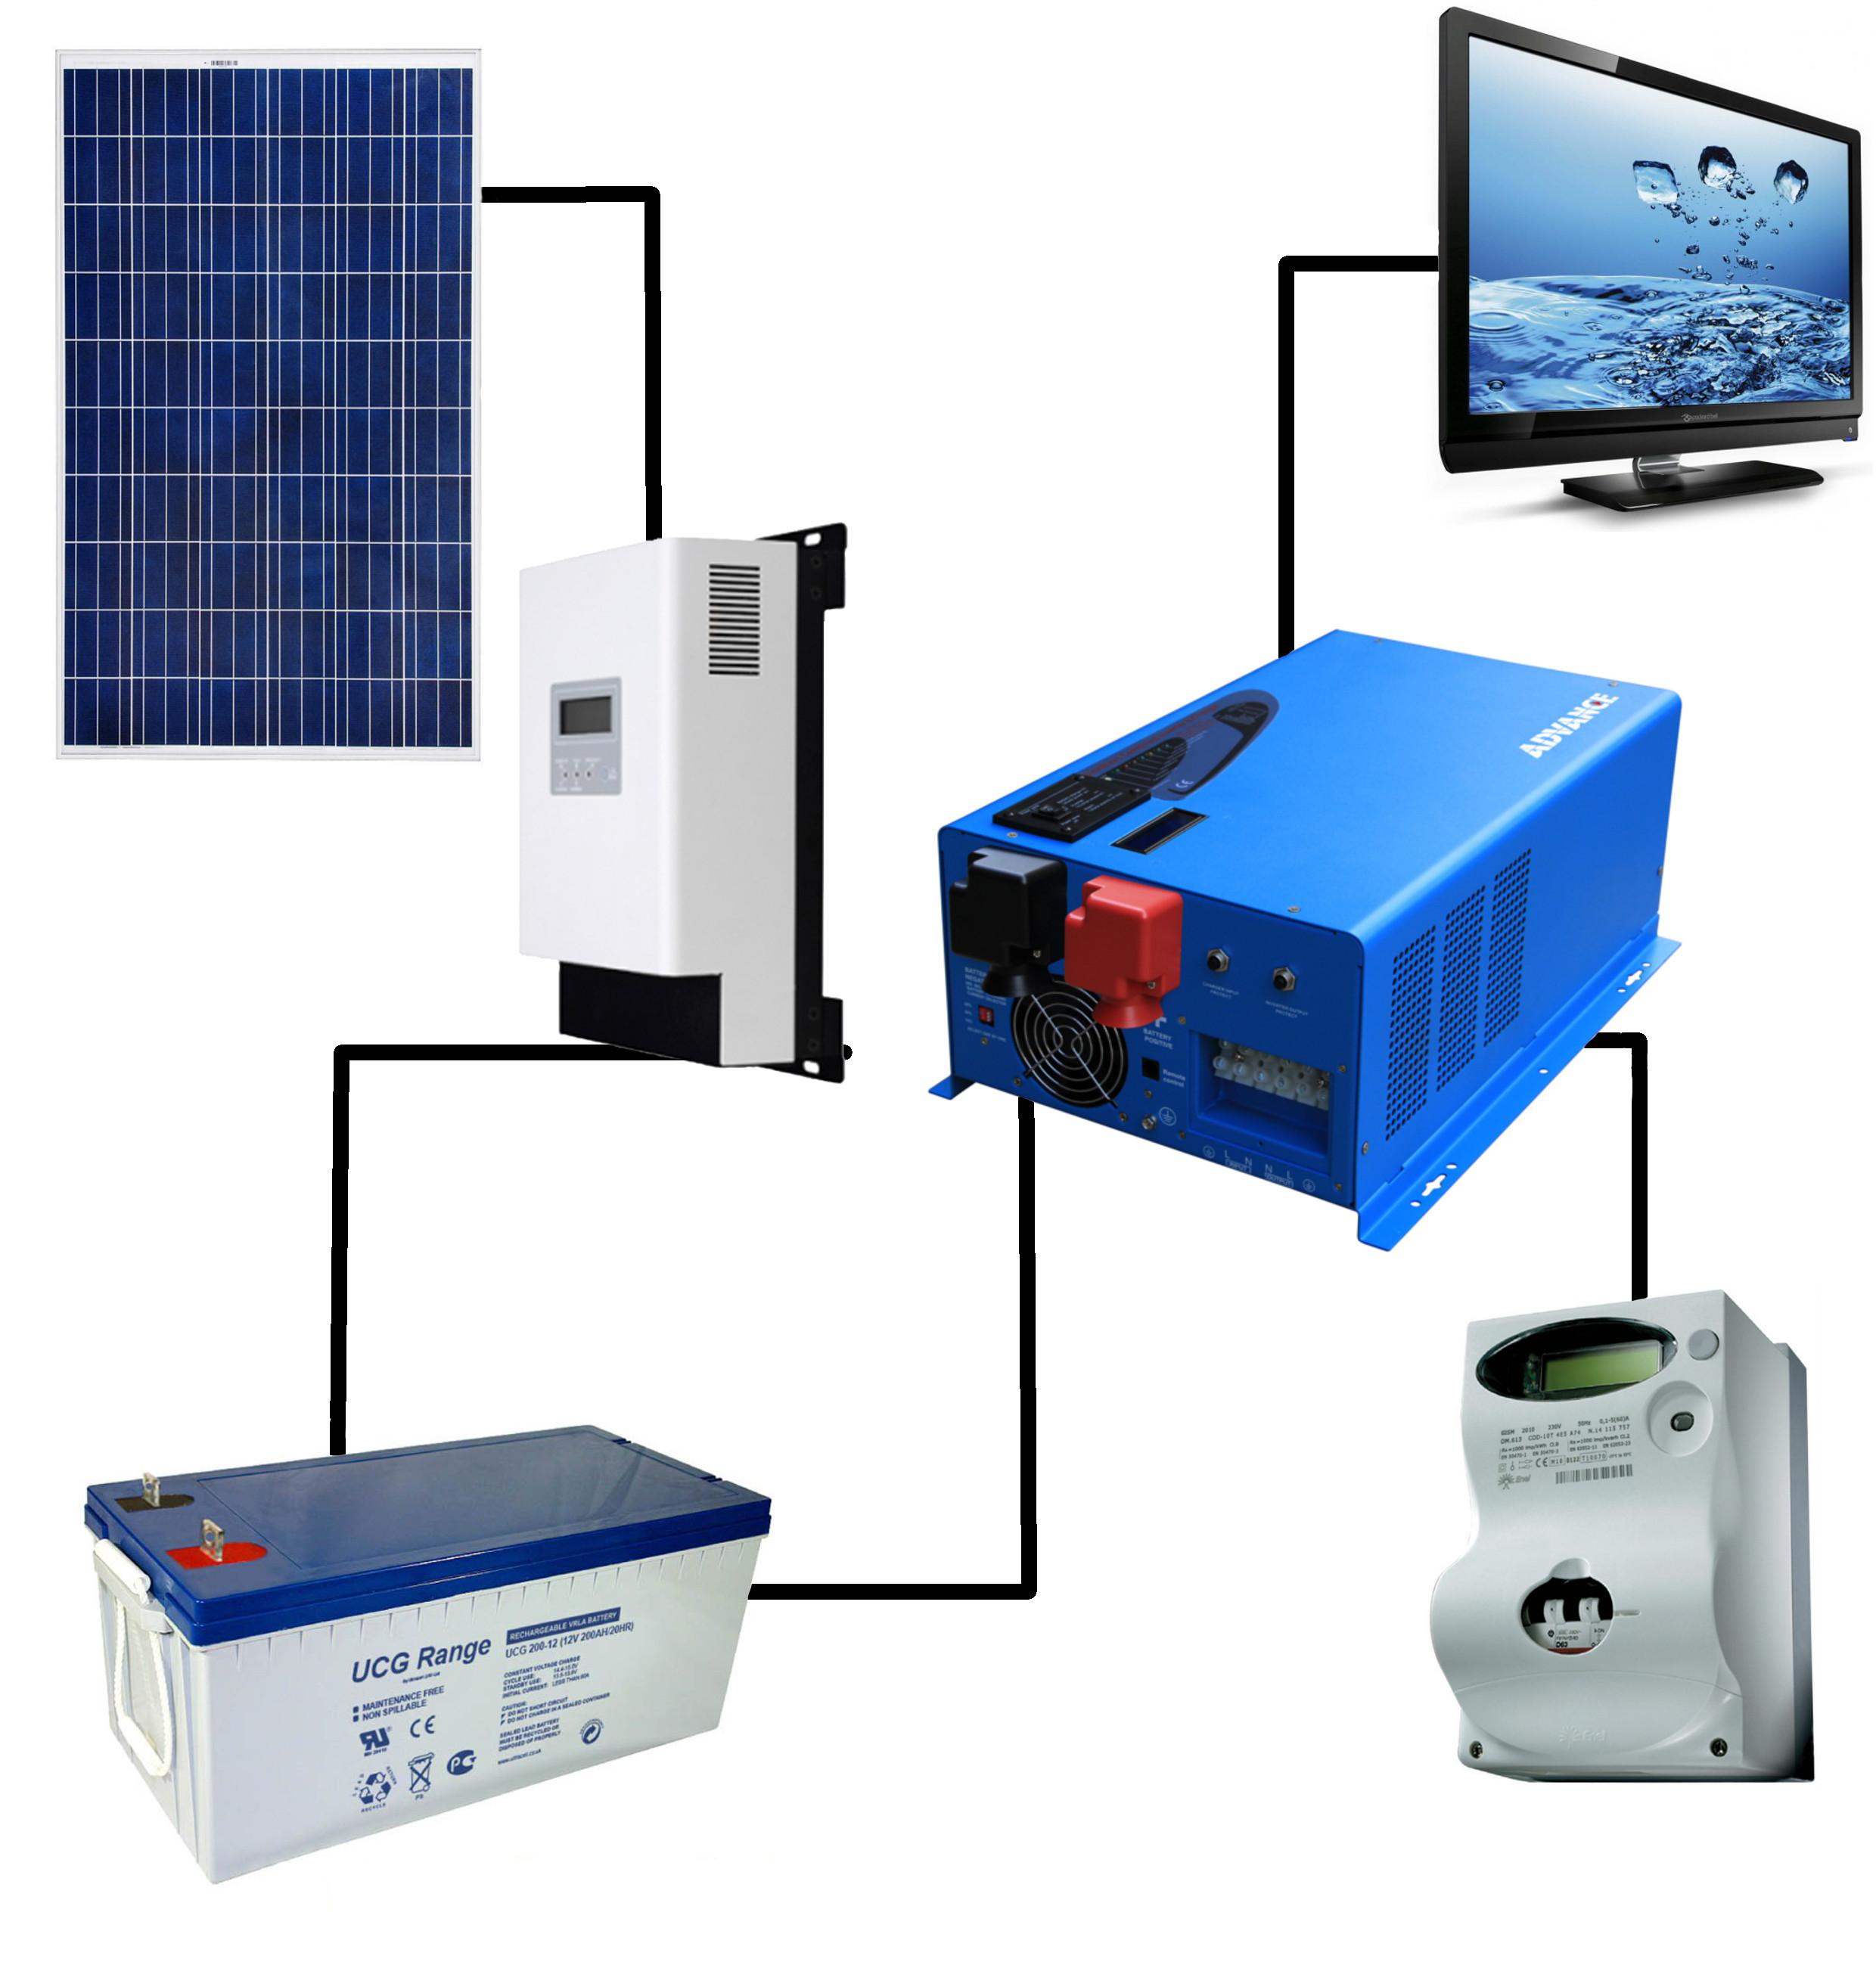 Schema Collegamento Impianto Fotovoltaico : Kit fotovoltaico casa kwp con regolatore mppt batterie e